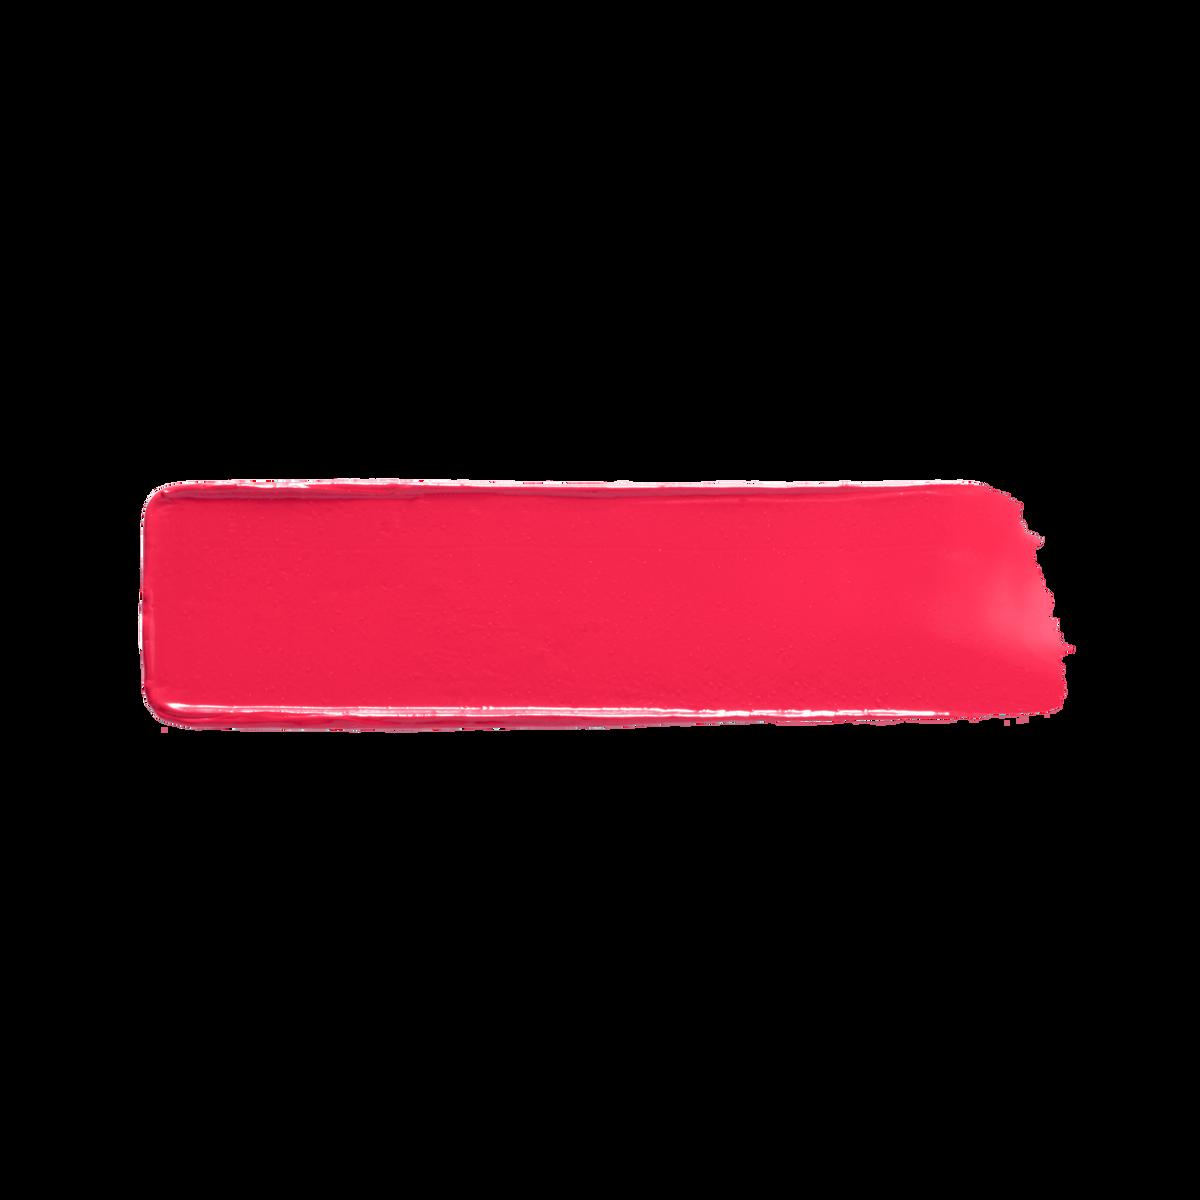 Rouge Interdit